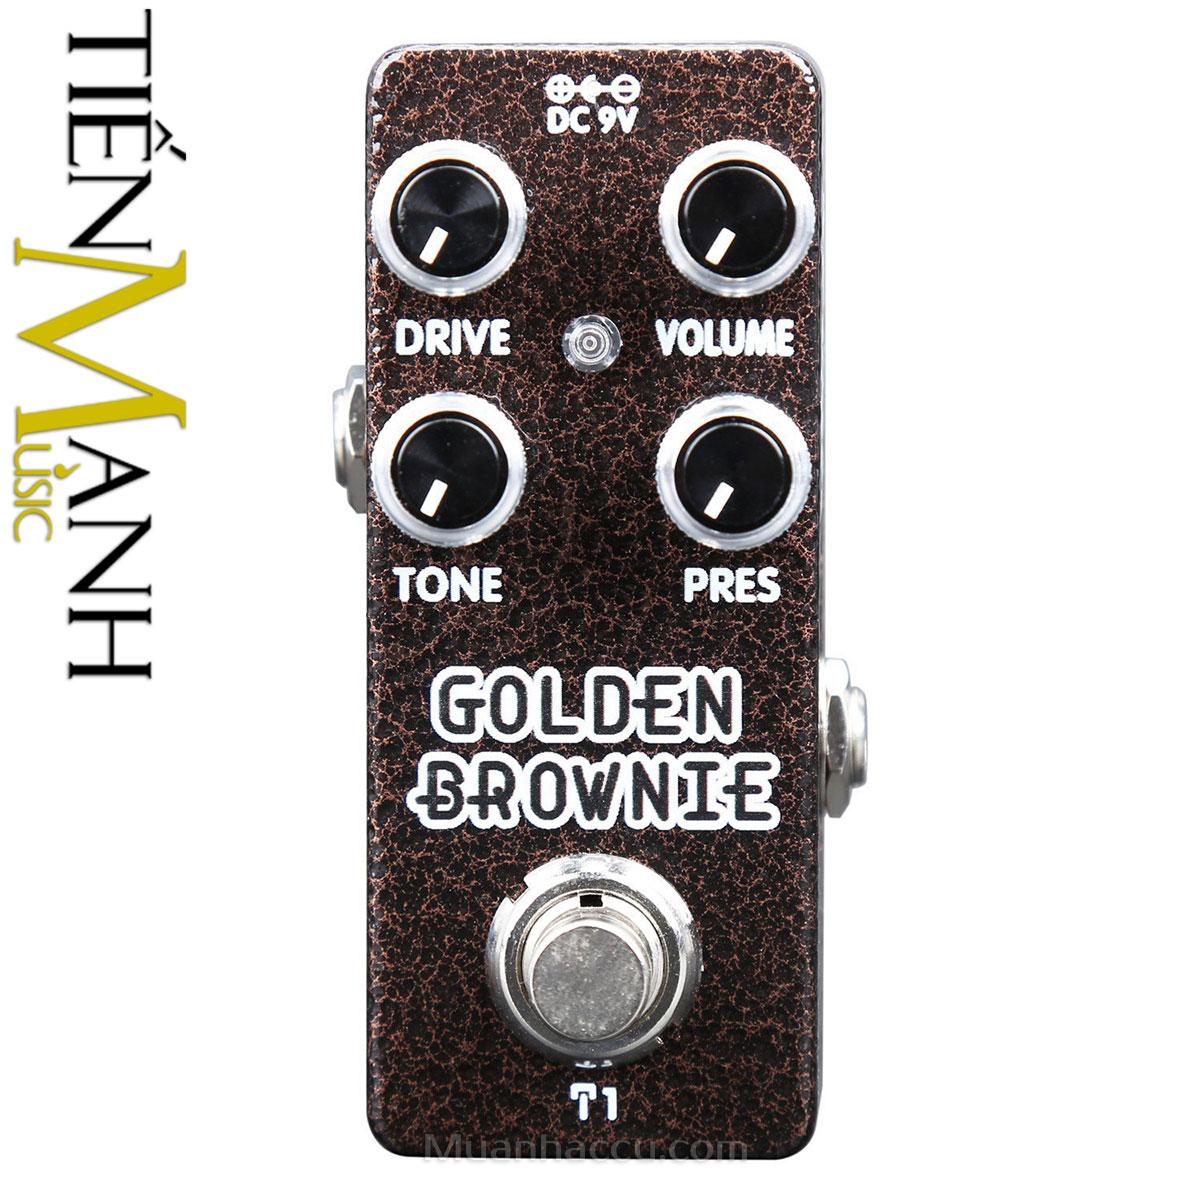 Phơ Guitar Xvive Analog Golden Brownie T1 (Nguồn chính hãng đi kèm - Bàn đạp Fuzz Pedals Effects)